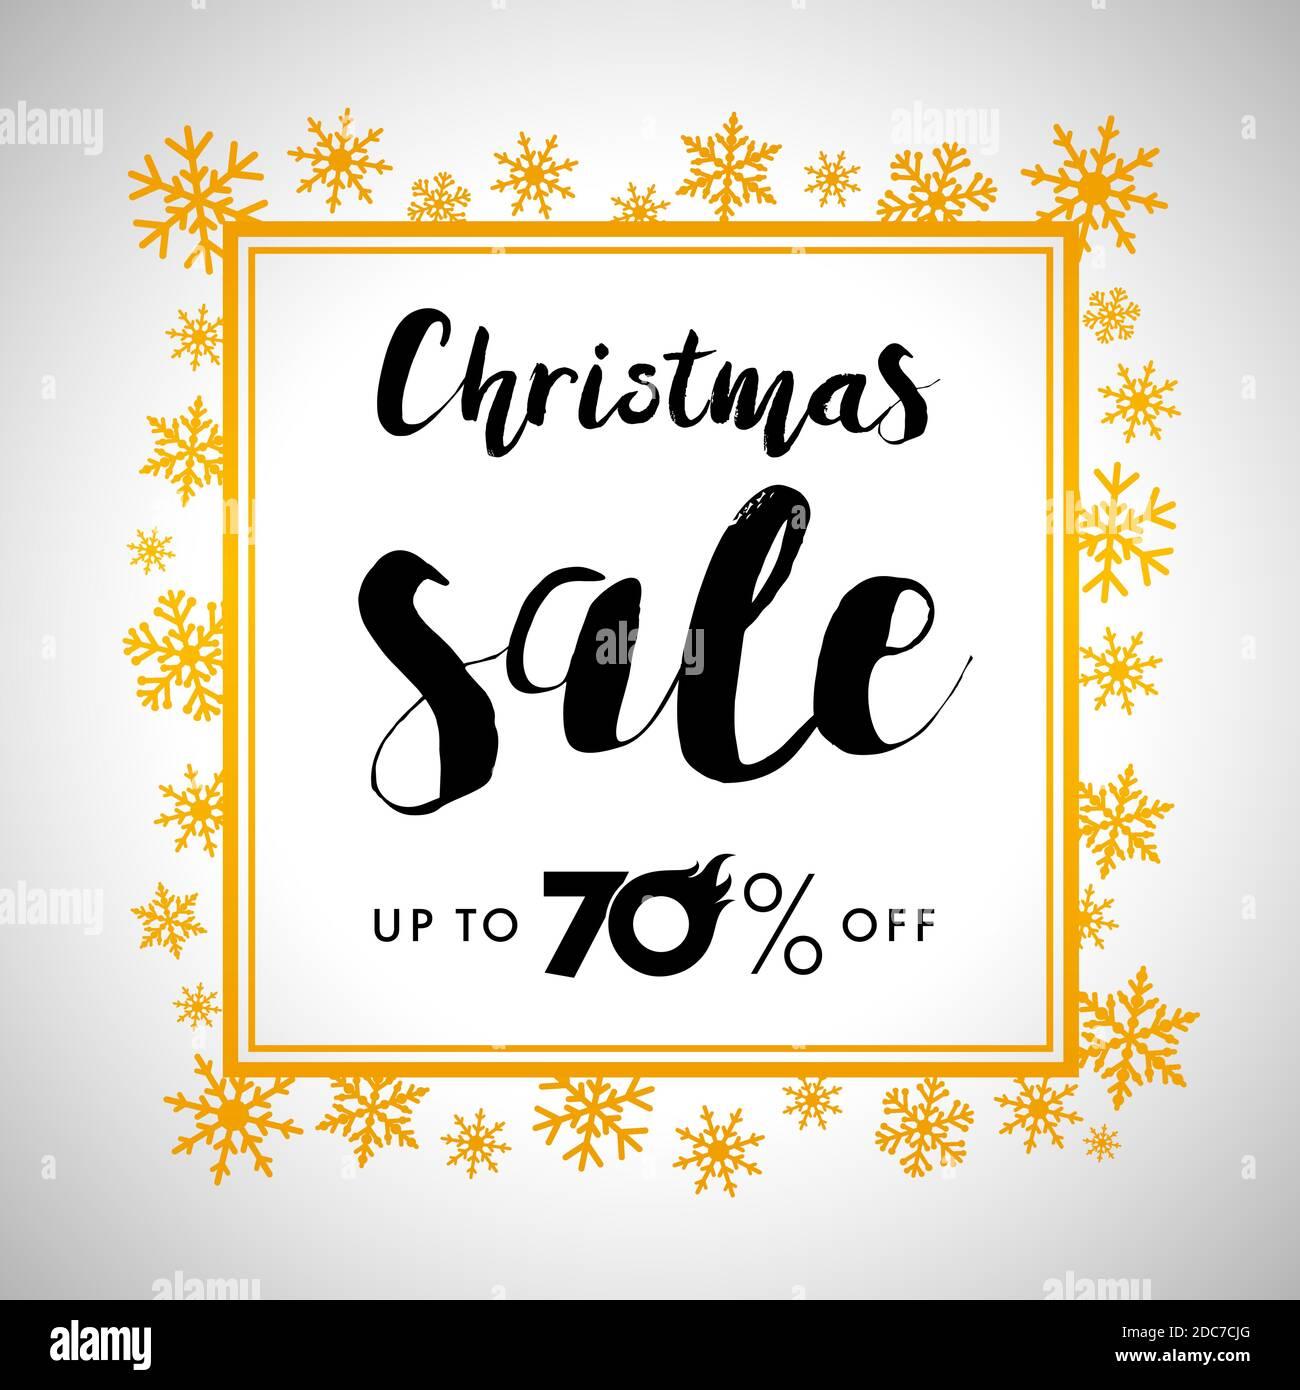 Venta de letras de oro Merry Christmas Elegant Merry Christmas vector gold venta de letras hasta un 70% de descuento en diseño con oro brillante copos de nieve en marco de oro Ilustración del Vector